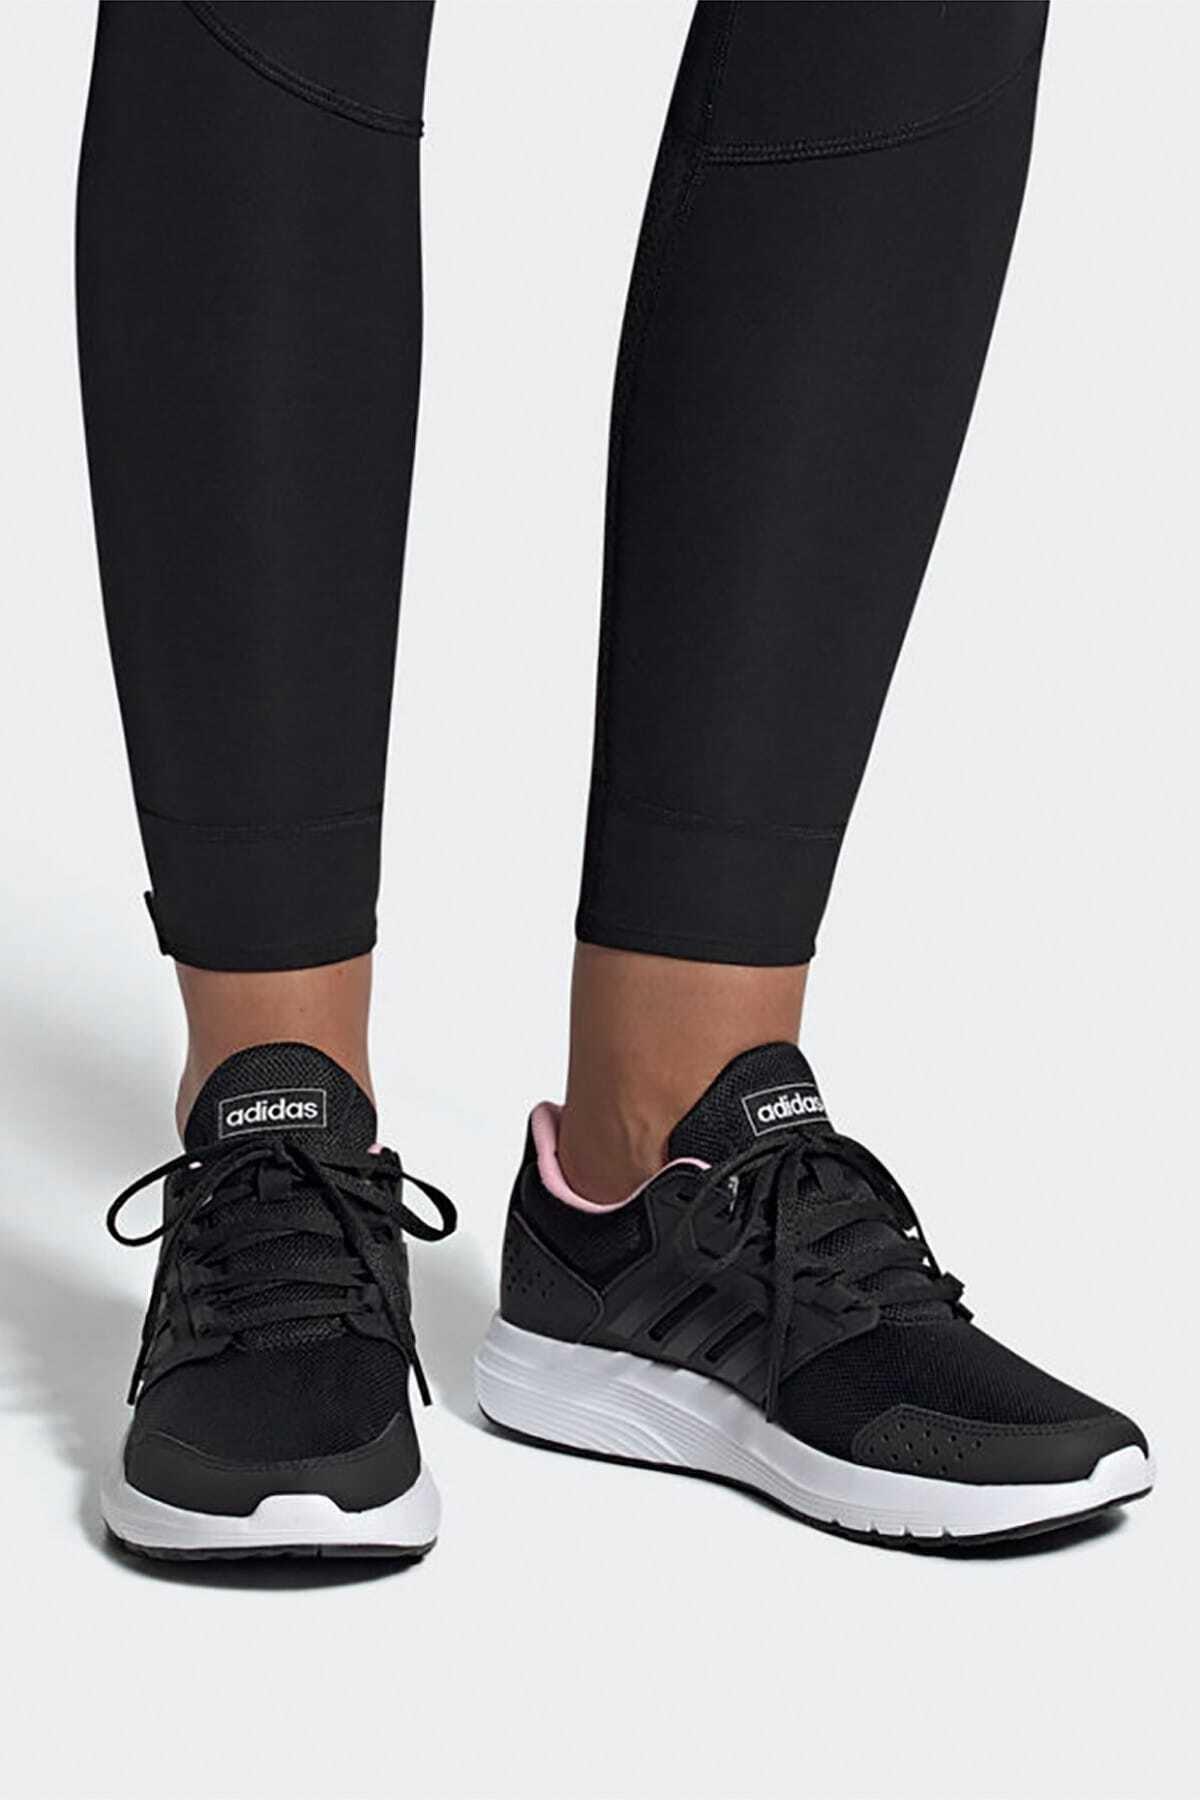 adidas Kadın Koşu & Antrenman Ayakkabıları 2